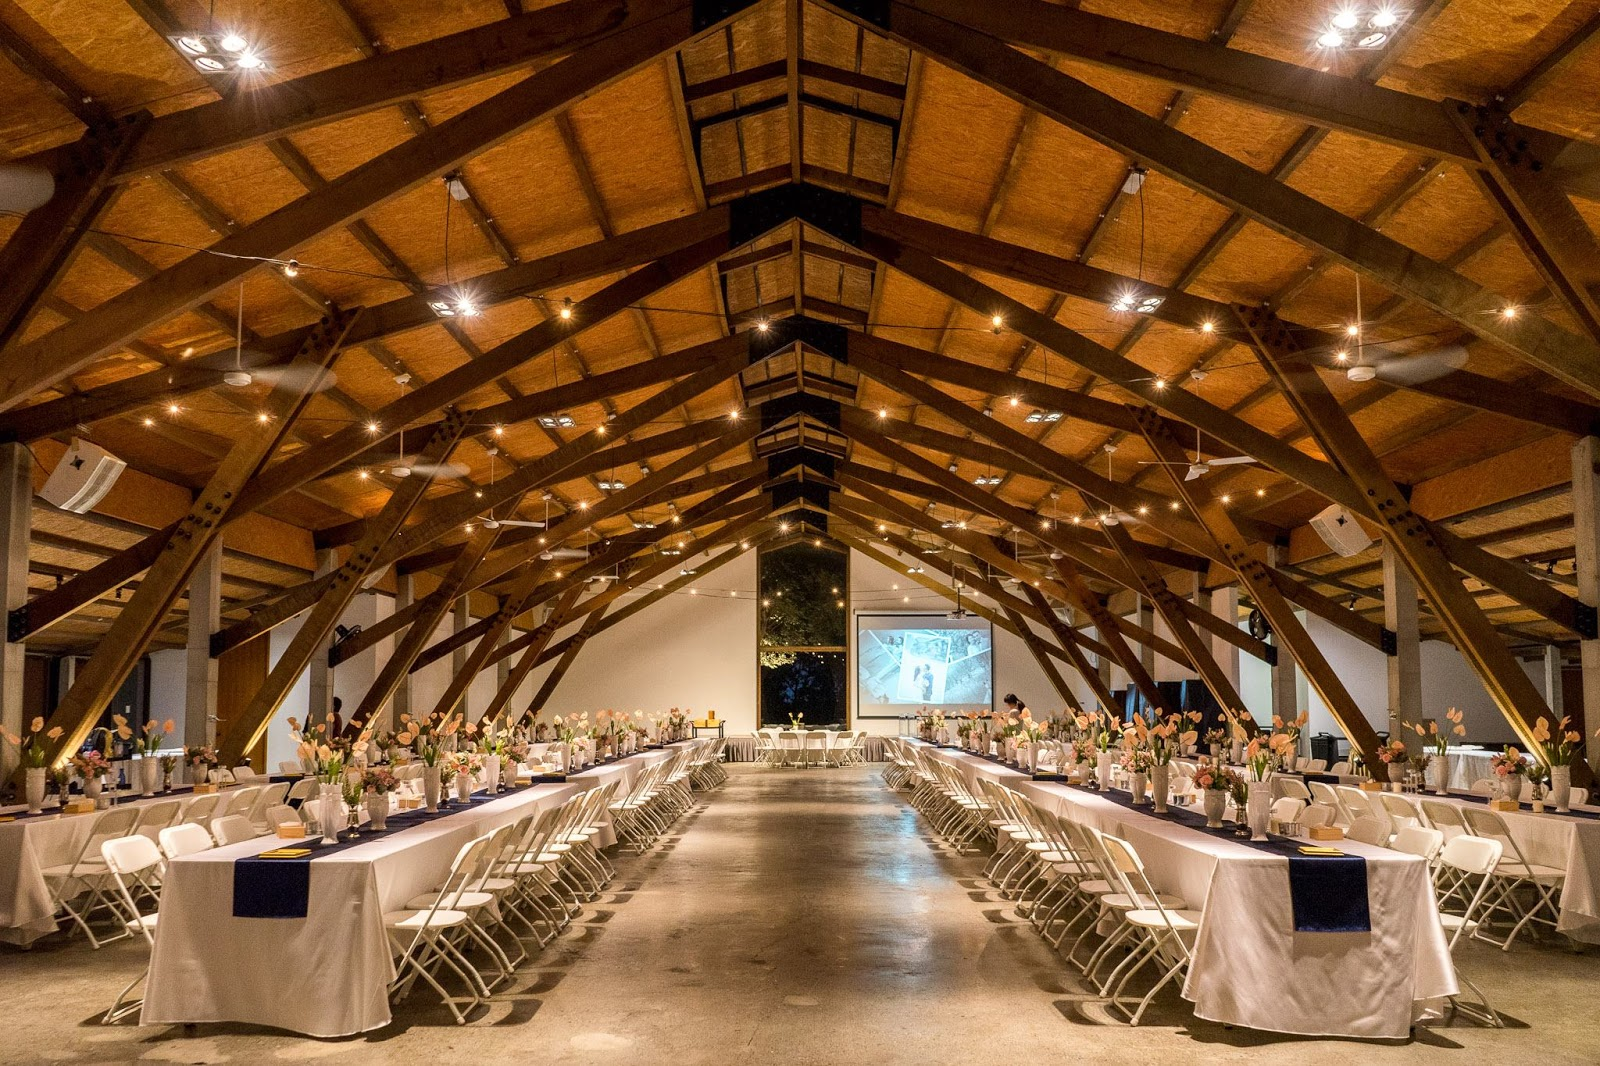 顏氏牧場以木造與紅磚打造而成,非常簡約大氣自然的宴會區